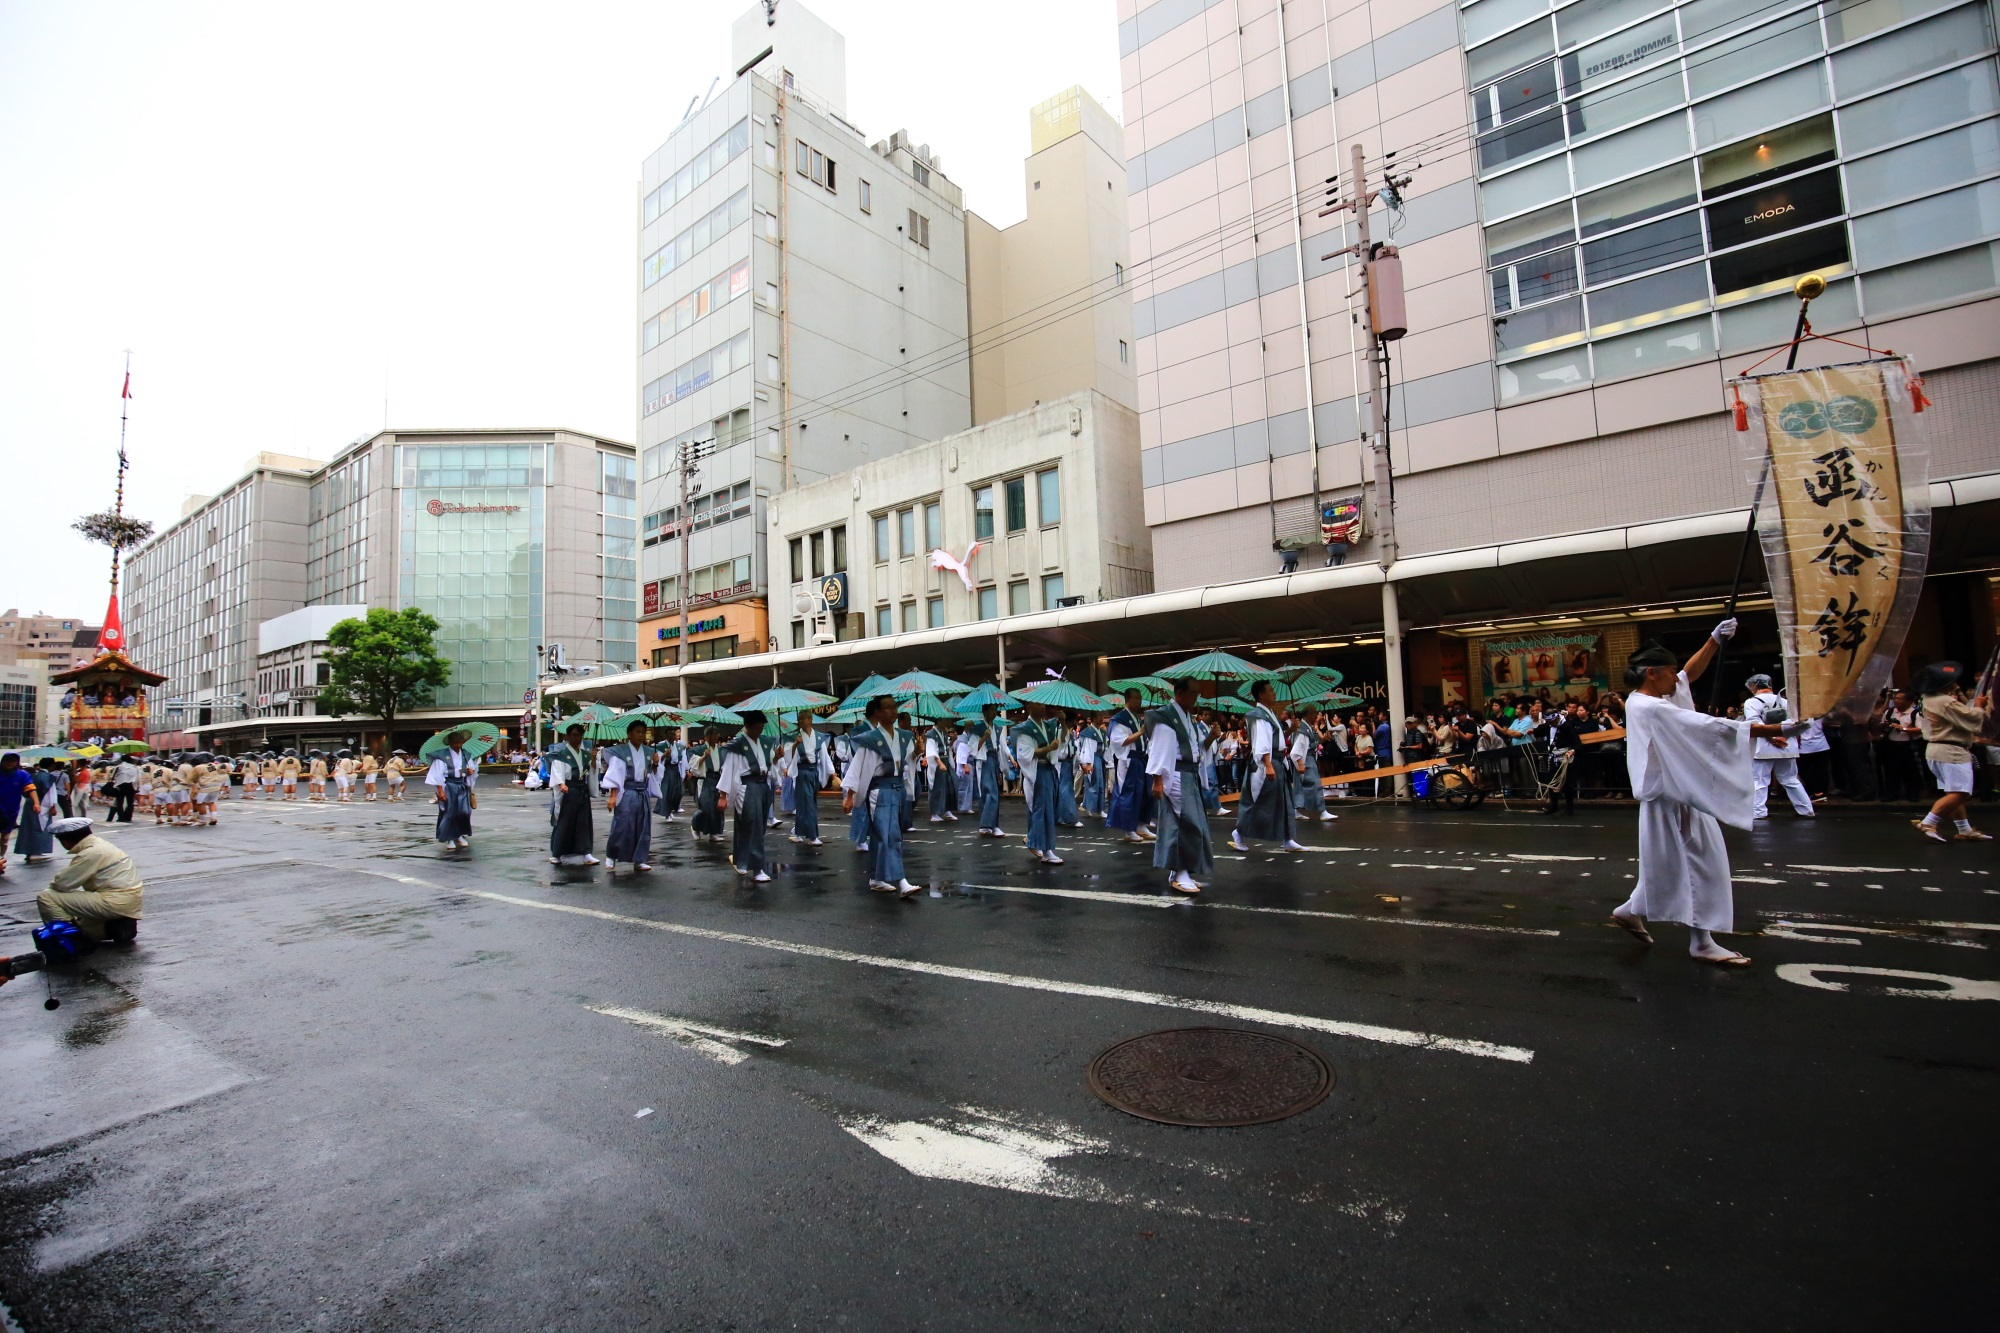 祇園祭の山鉾巡行の函谷鉾(かんこほこ)